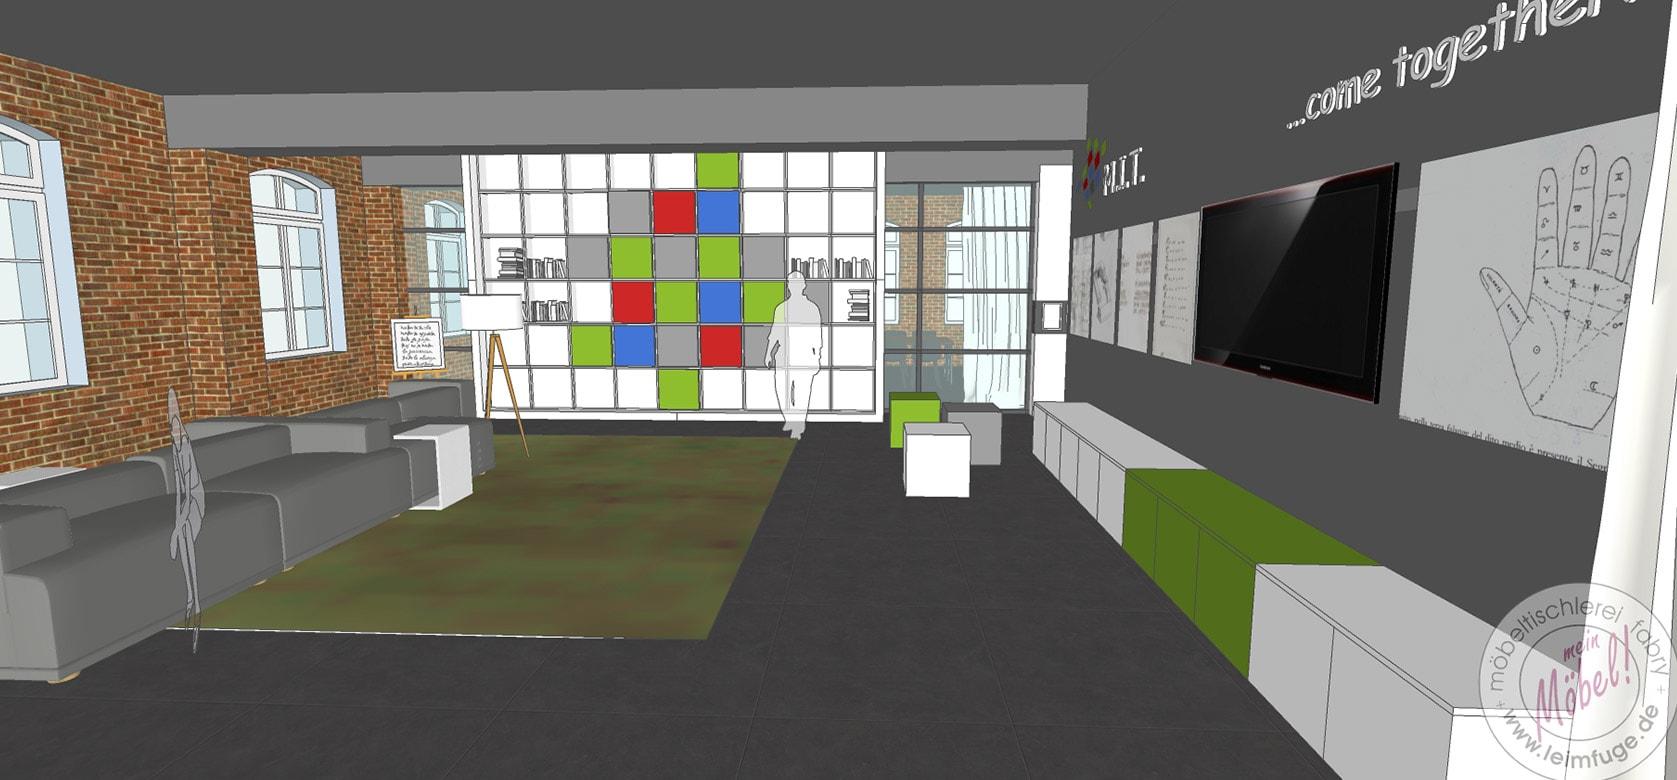 Living-Room für Events im Mindener Innovationszentrum